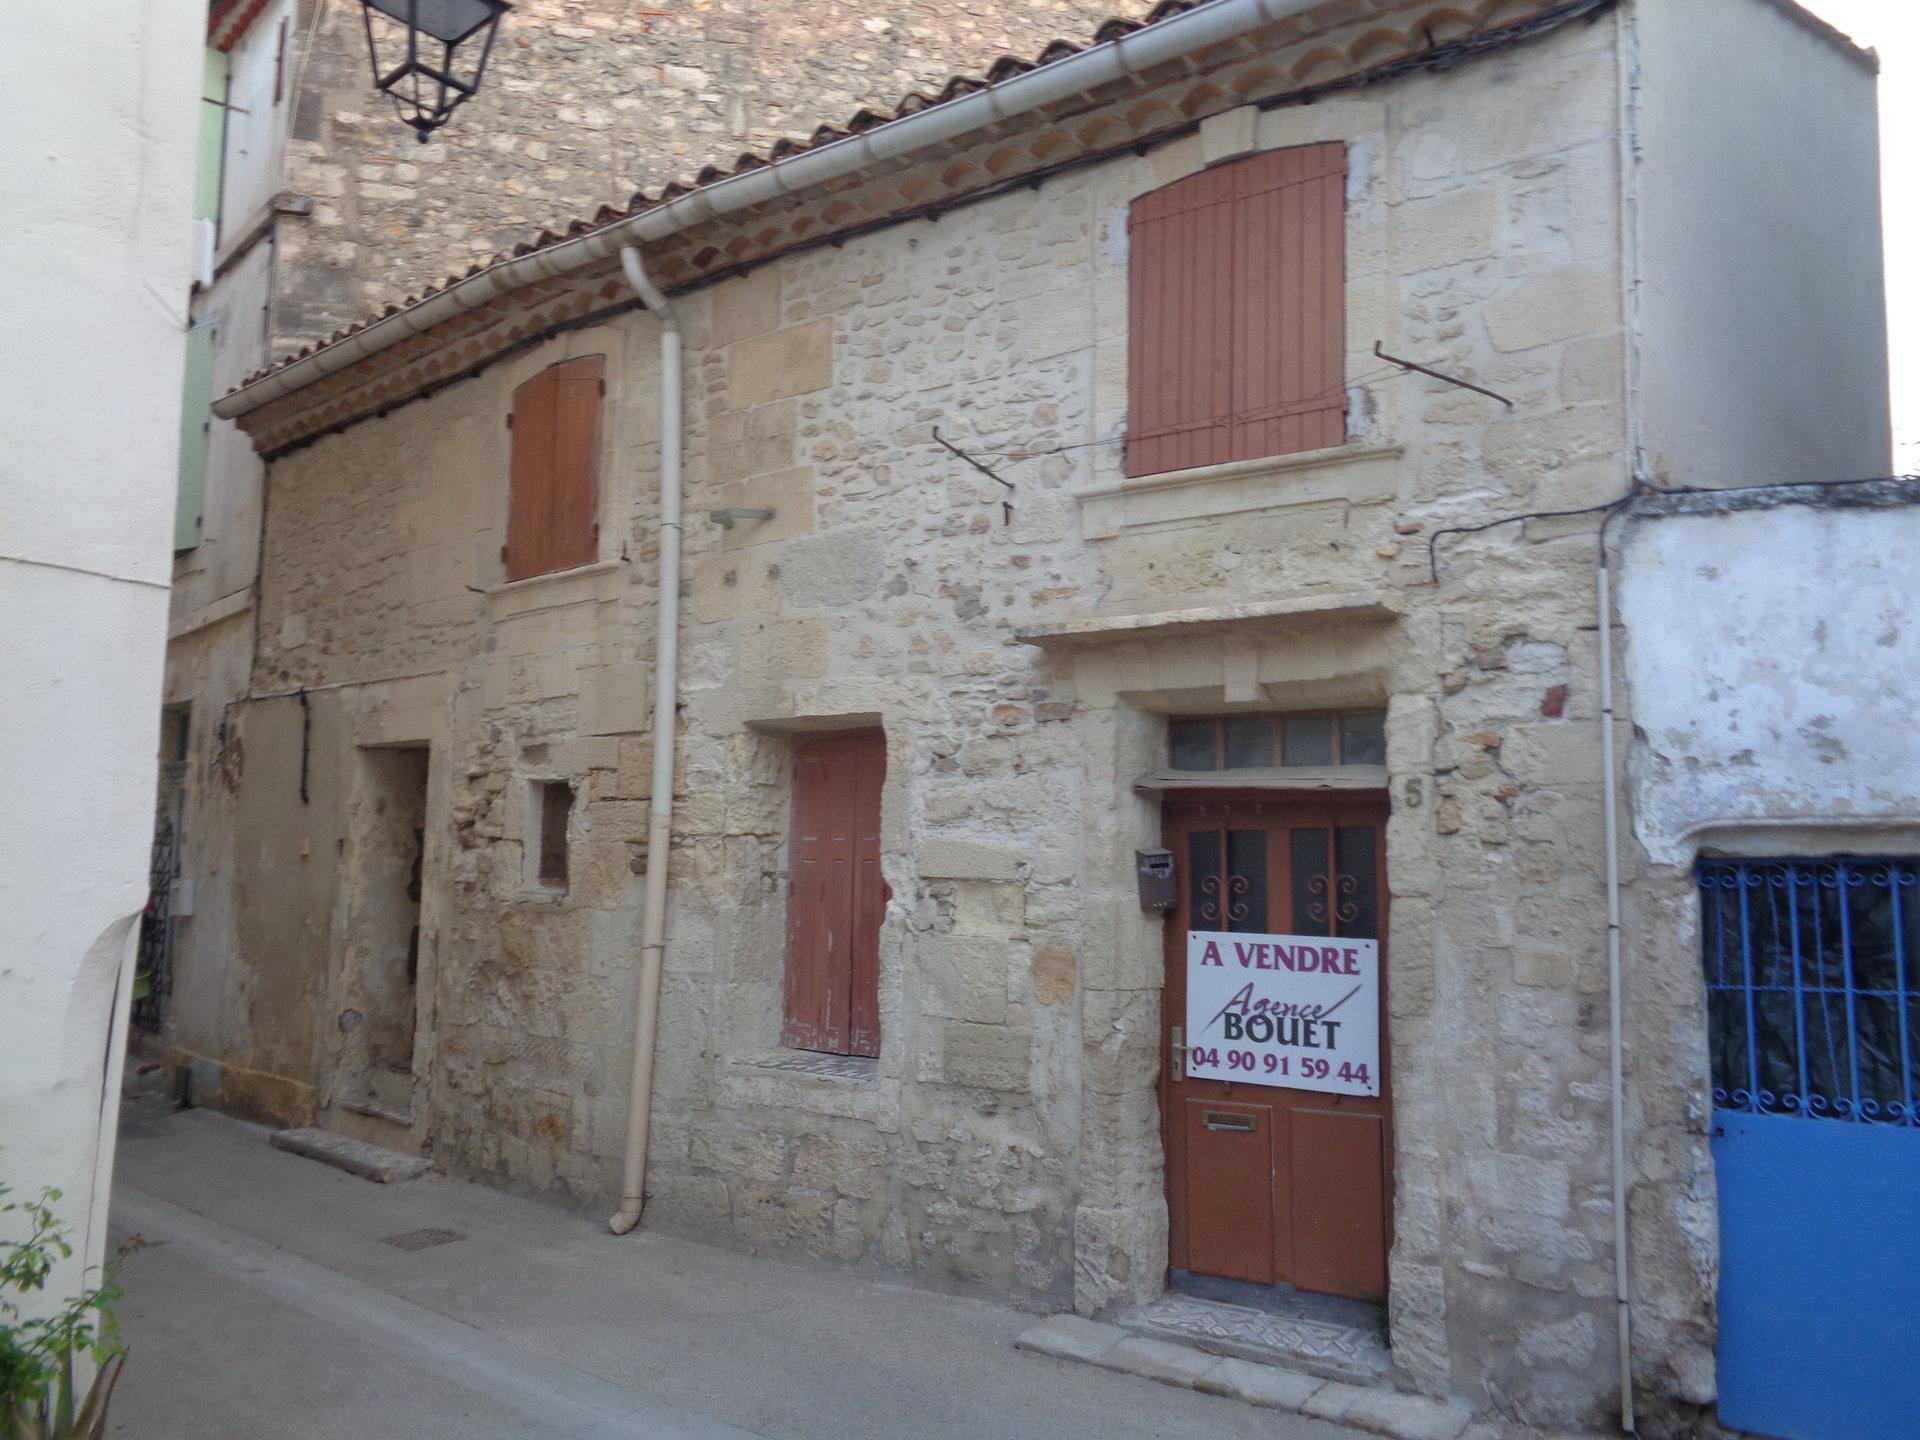 Vente Maison SAINT-ETIENNE-DU-GRÈS Mandat : 3756